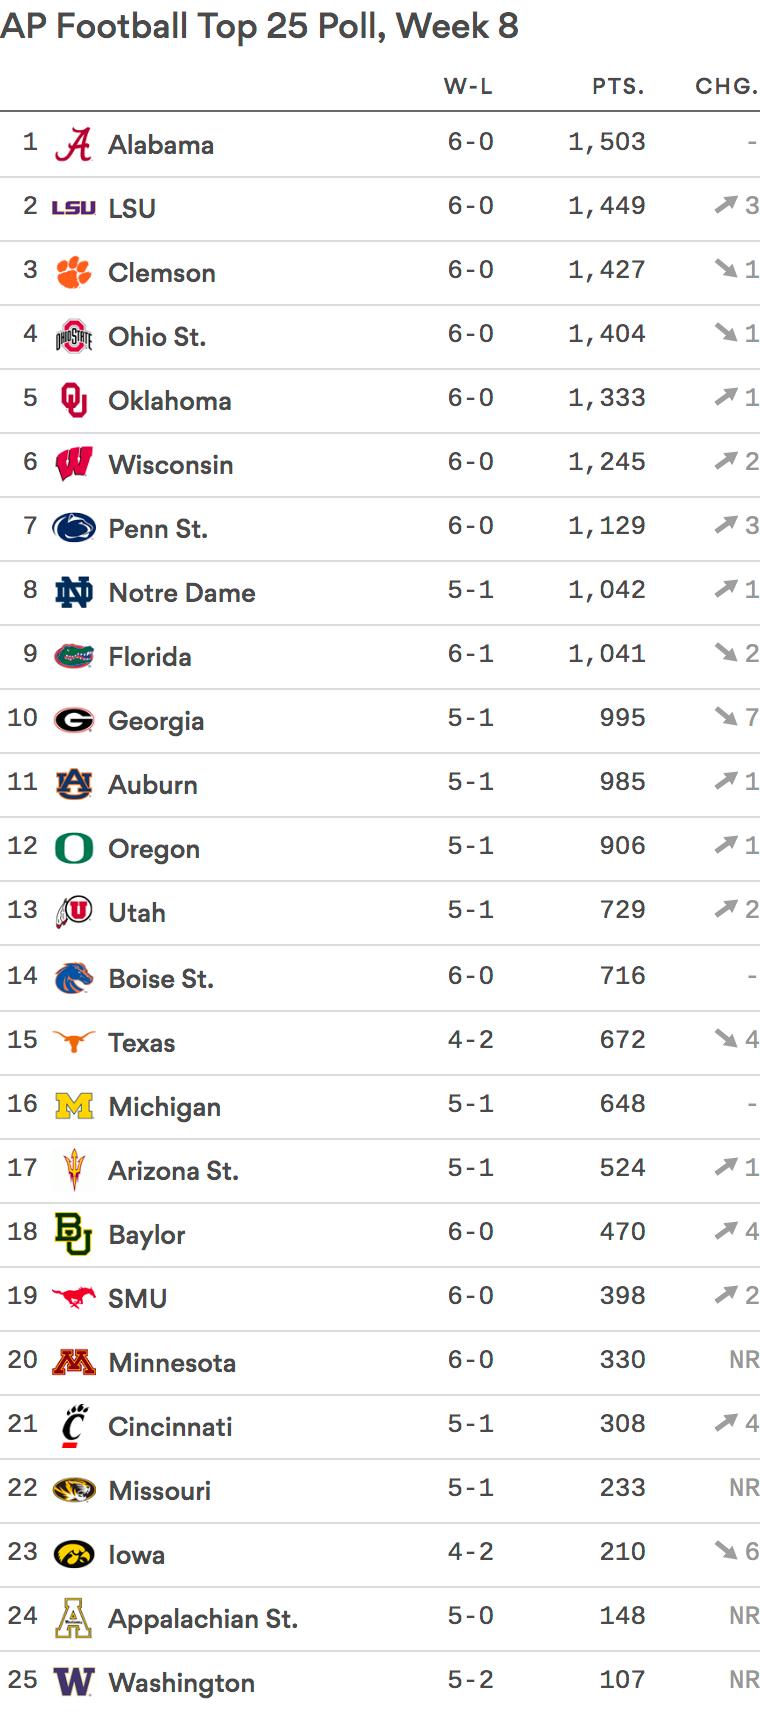 Top 25: LSU jumps to 2, UGA falls to 10